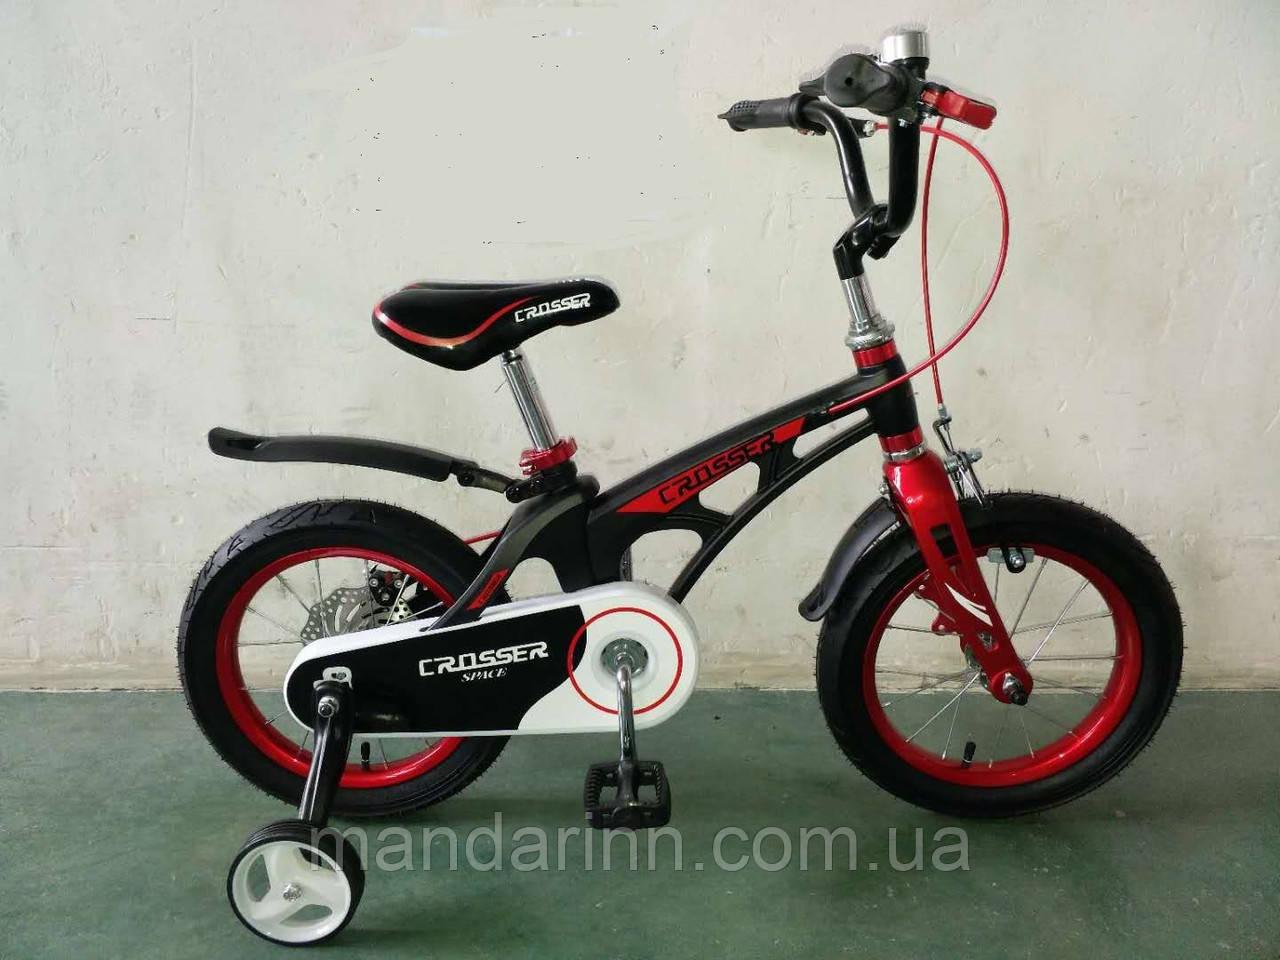 """Детский Велосипед """"Crosser-18"""" Черный. Суперлегкий."""